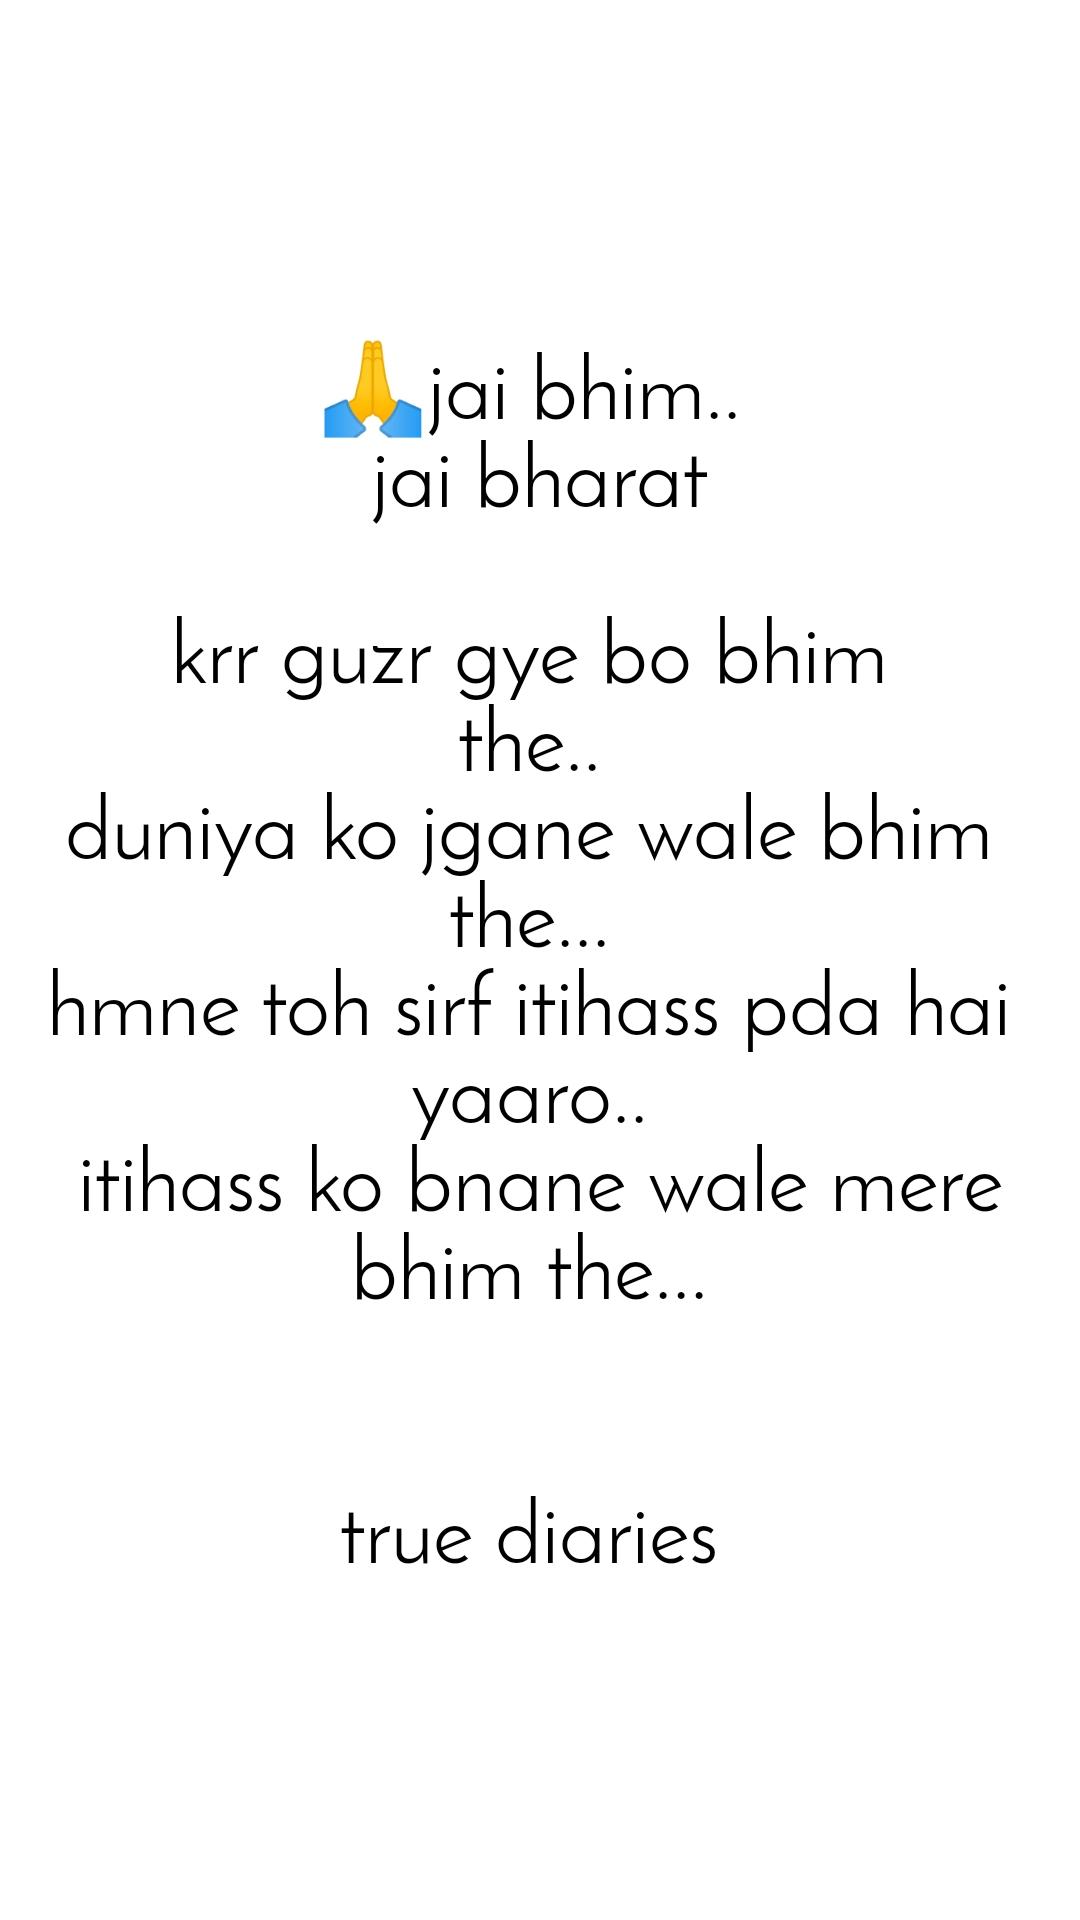 🙏jai bhim..  jai bharat  krr guzr gye bo bhim  the..  duniya ko jgane wale bhim  the...  hmne toh sirf itihass pda hai  yaaro..  itihass ko bnane wale mere bhim the...    true diaries